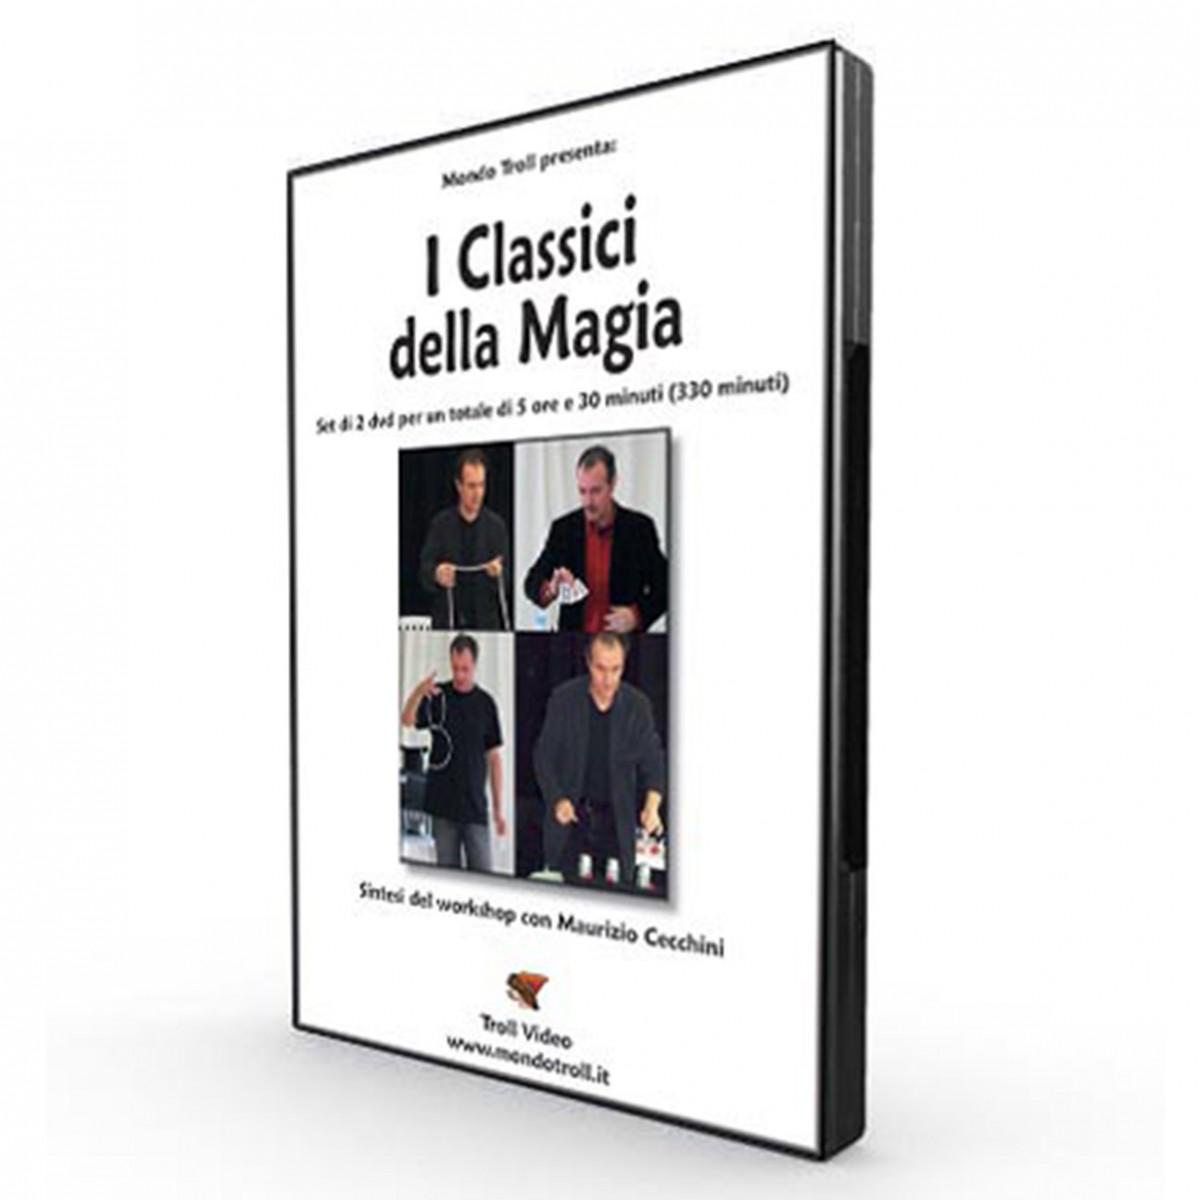 DVD I classici della Magia